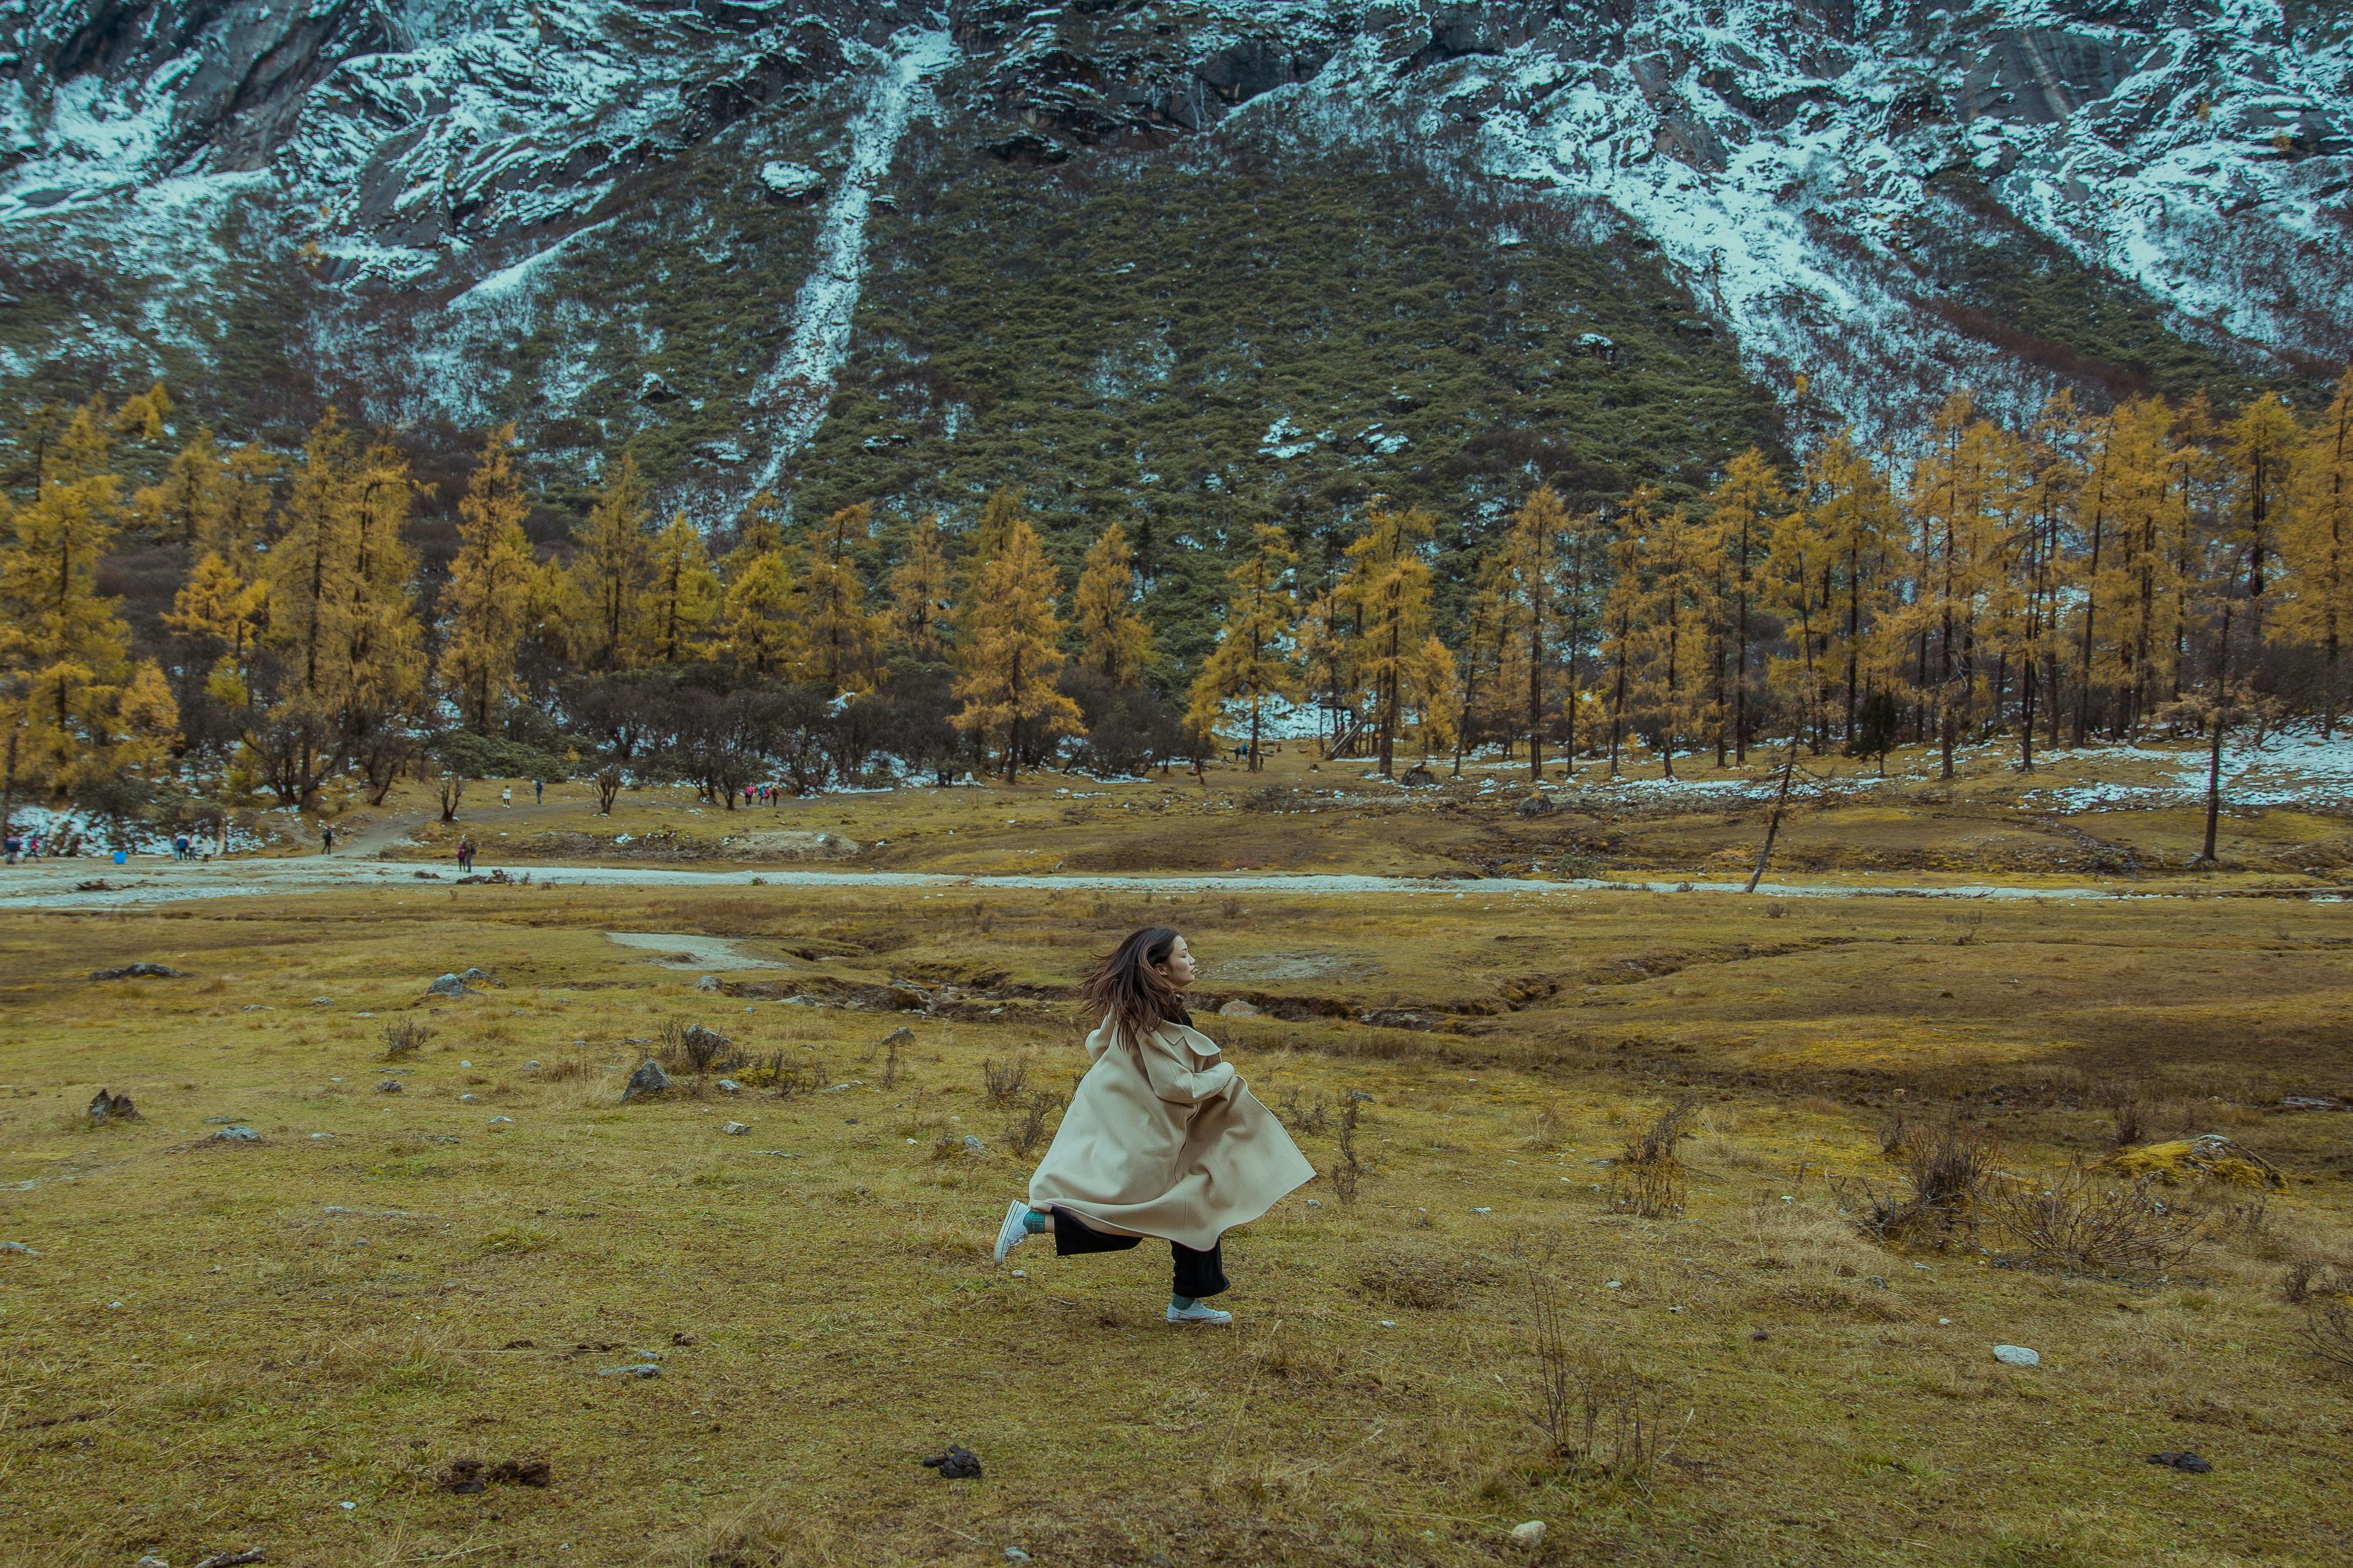 woman running on green grass